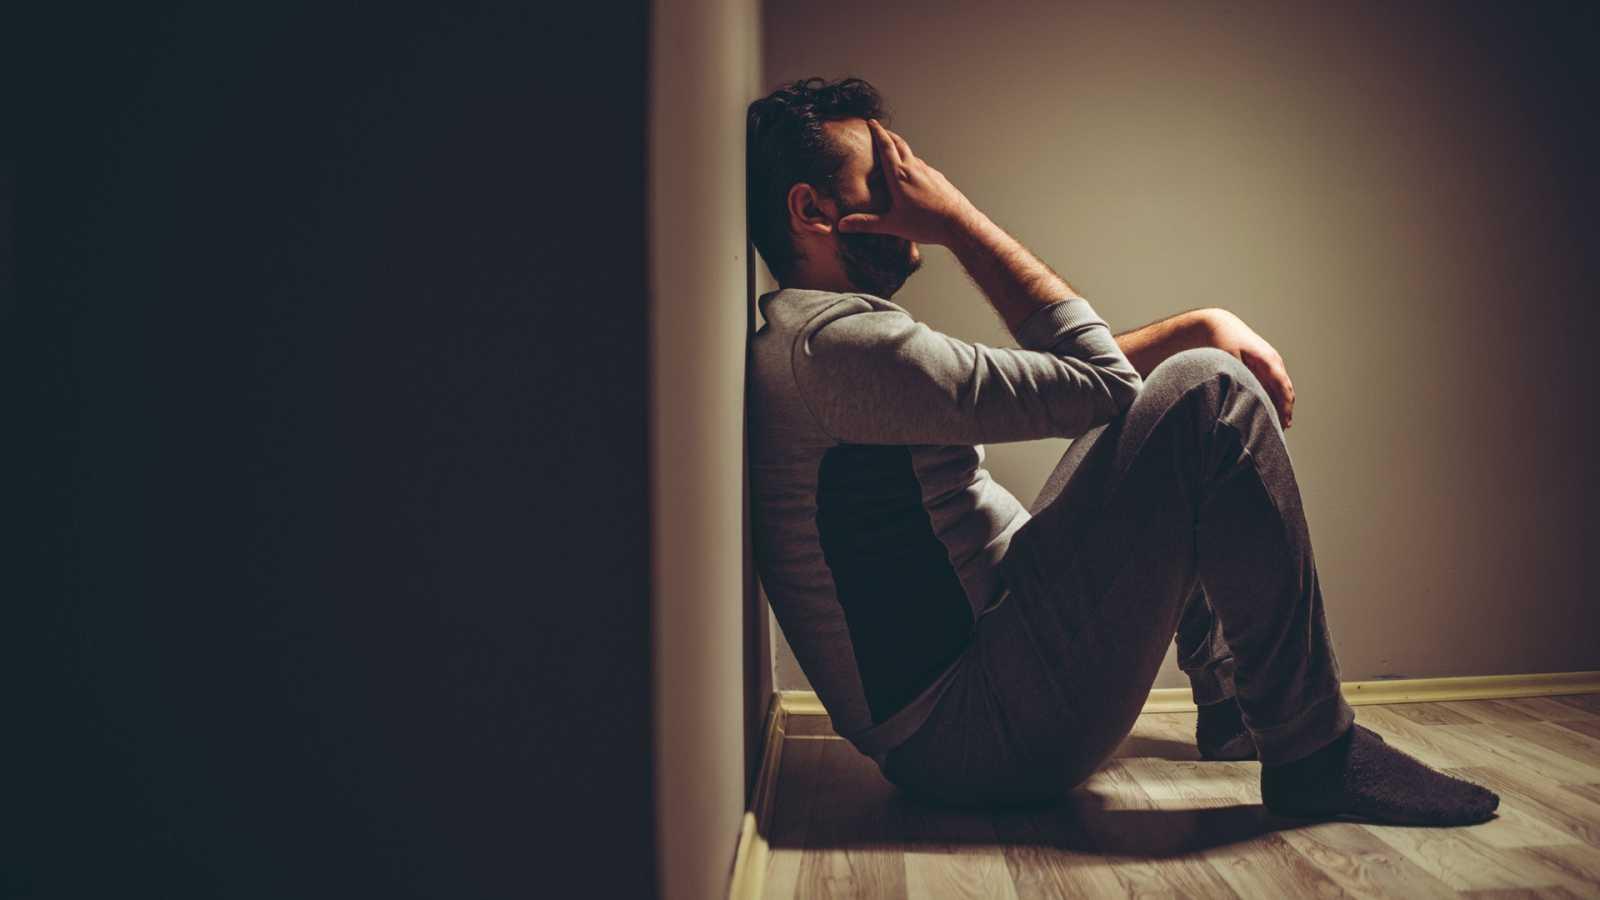 Profesionales de la salud mental piden más medios para atender a la oleada de problemas psicológicos desencadenados por la COVID